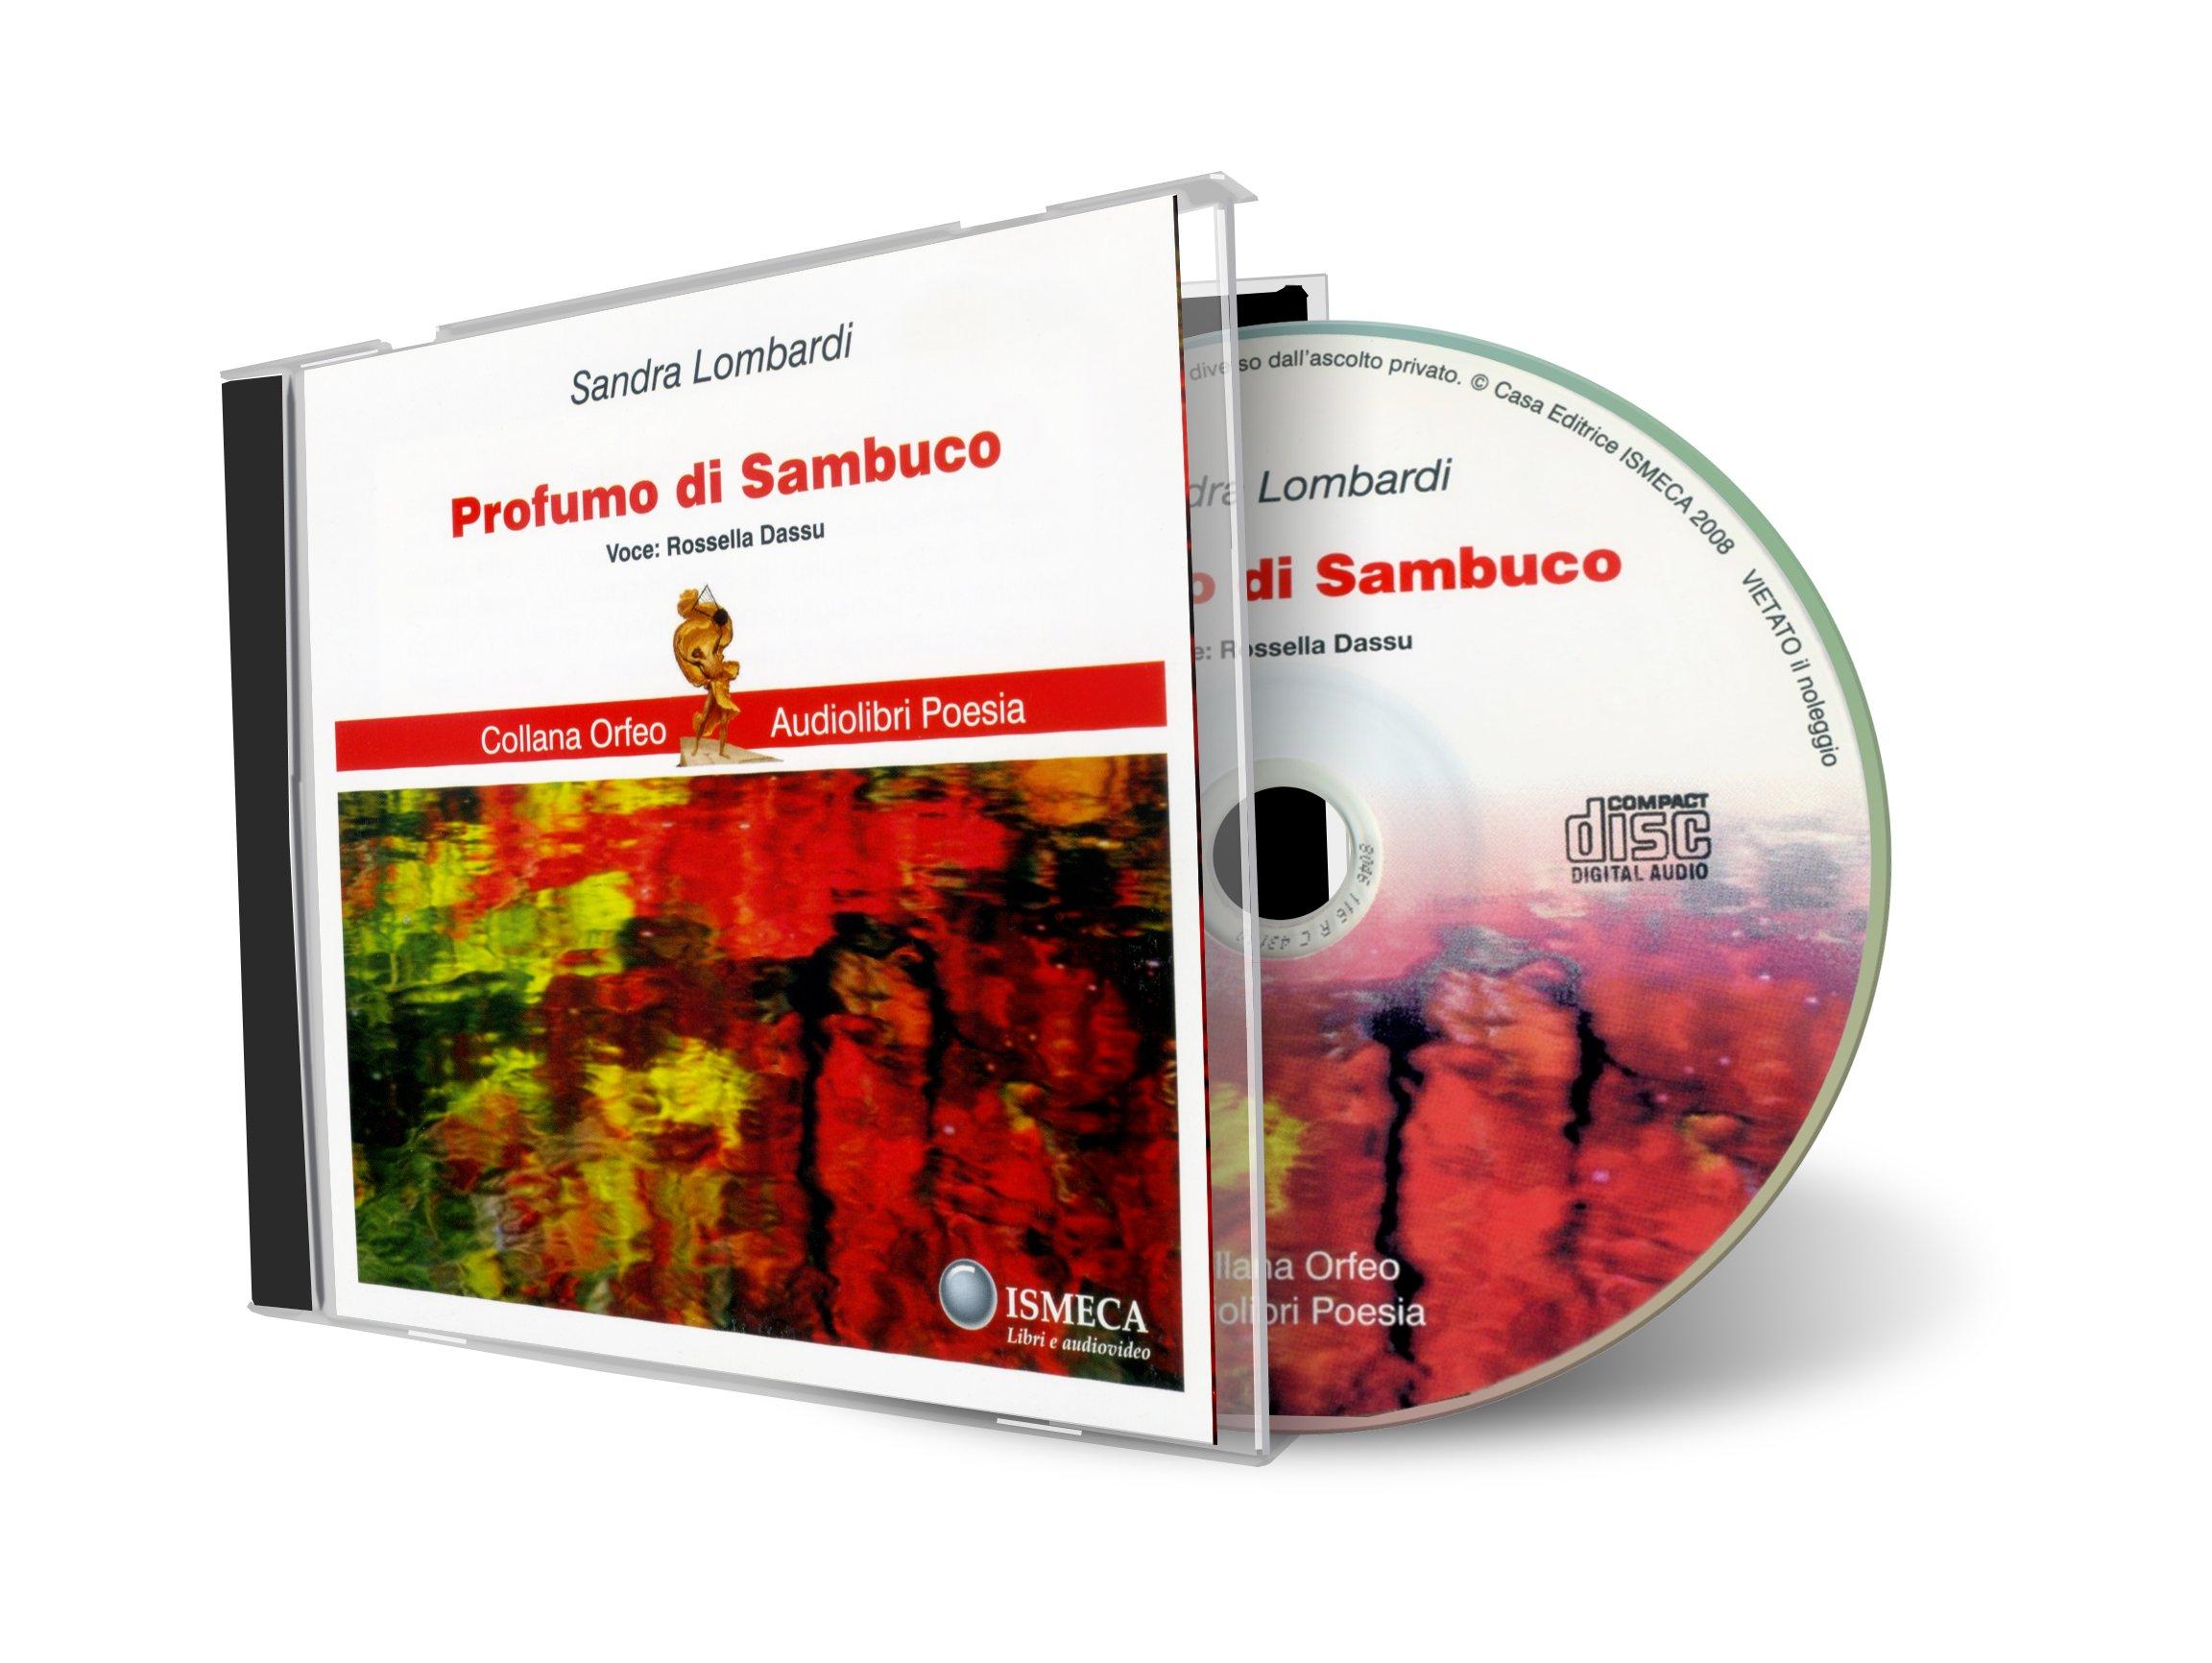 Profumo di Sambuco, Sandra Lombardi, Ismeca, 2008, 28 tracce, ISBN 978-8895895802